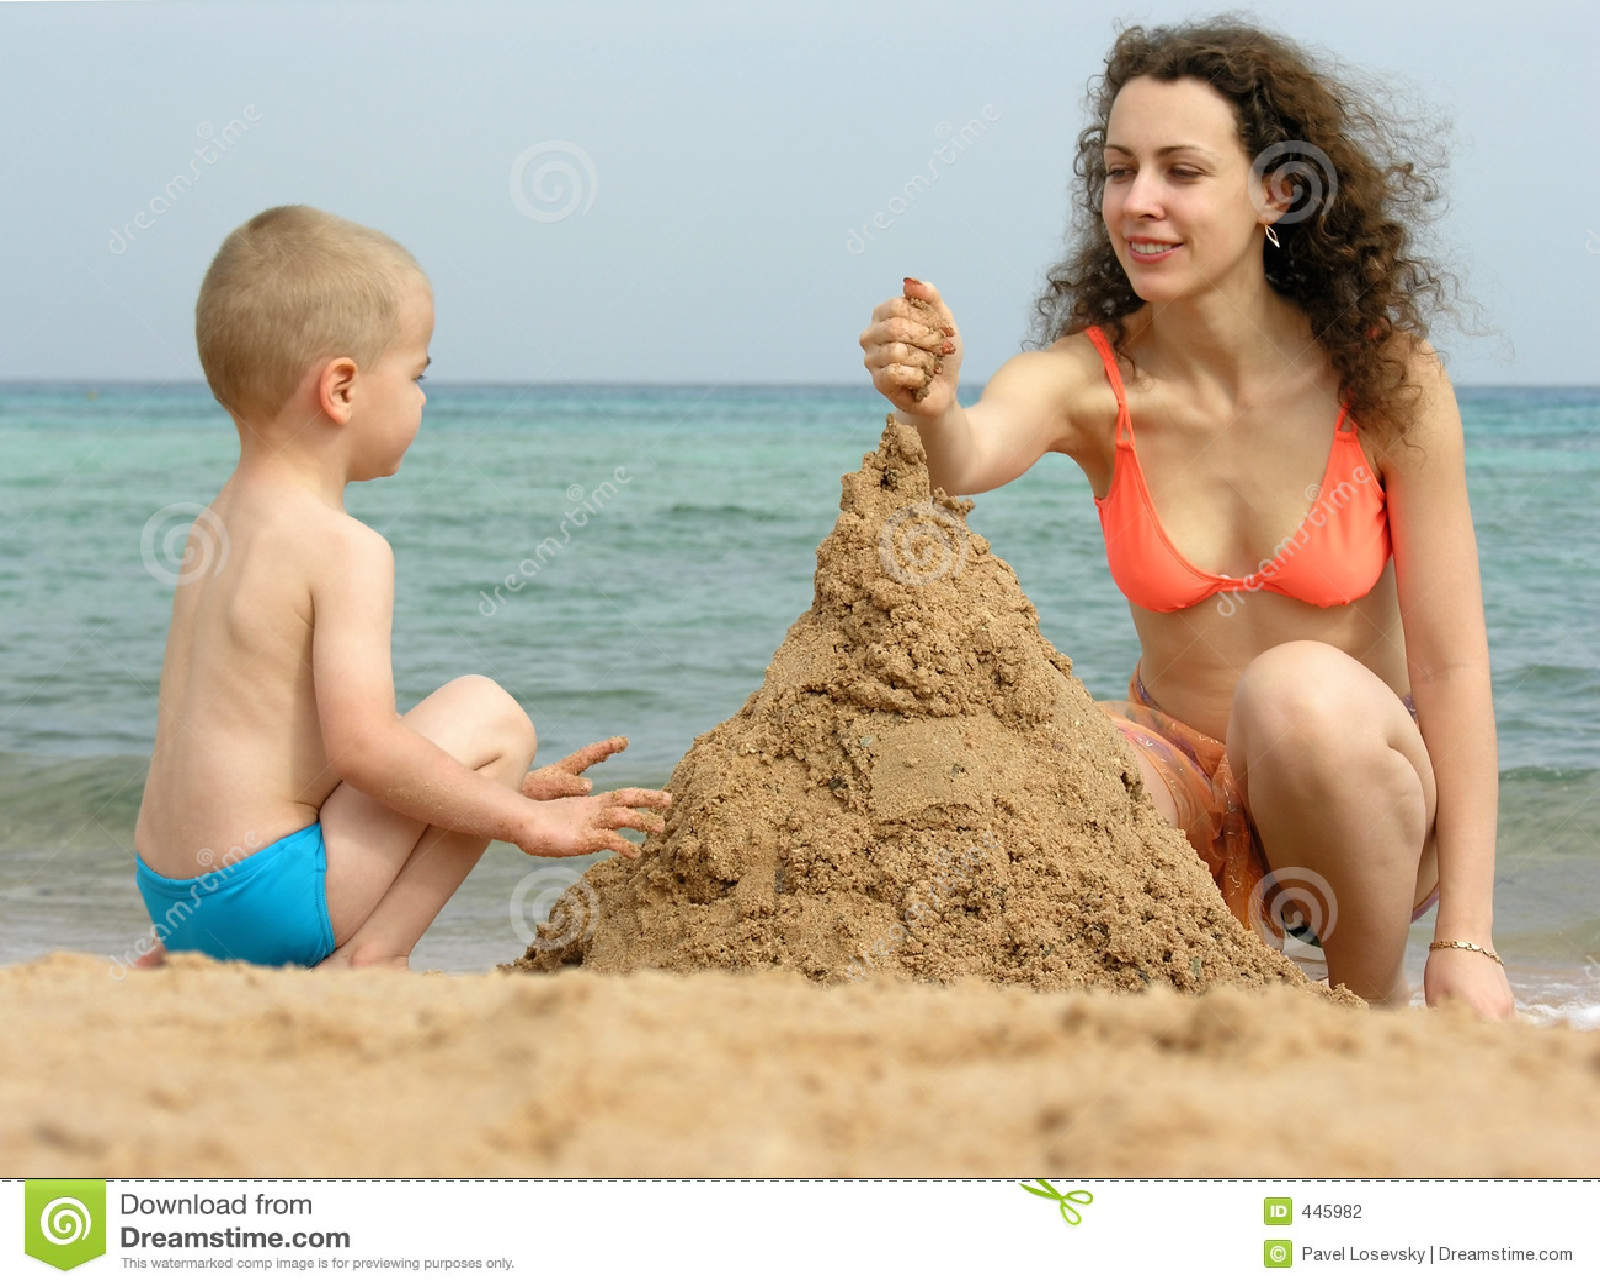 Сын и мать на пляже рассказ 5 фотография